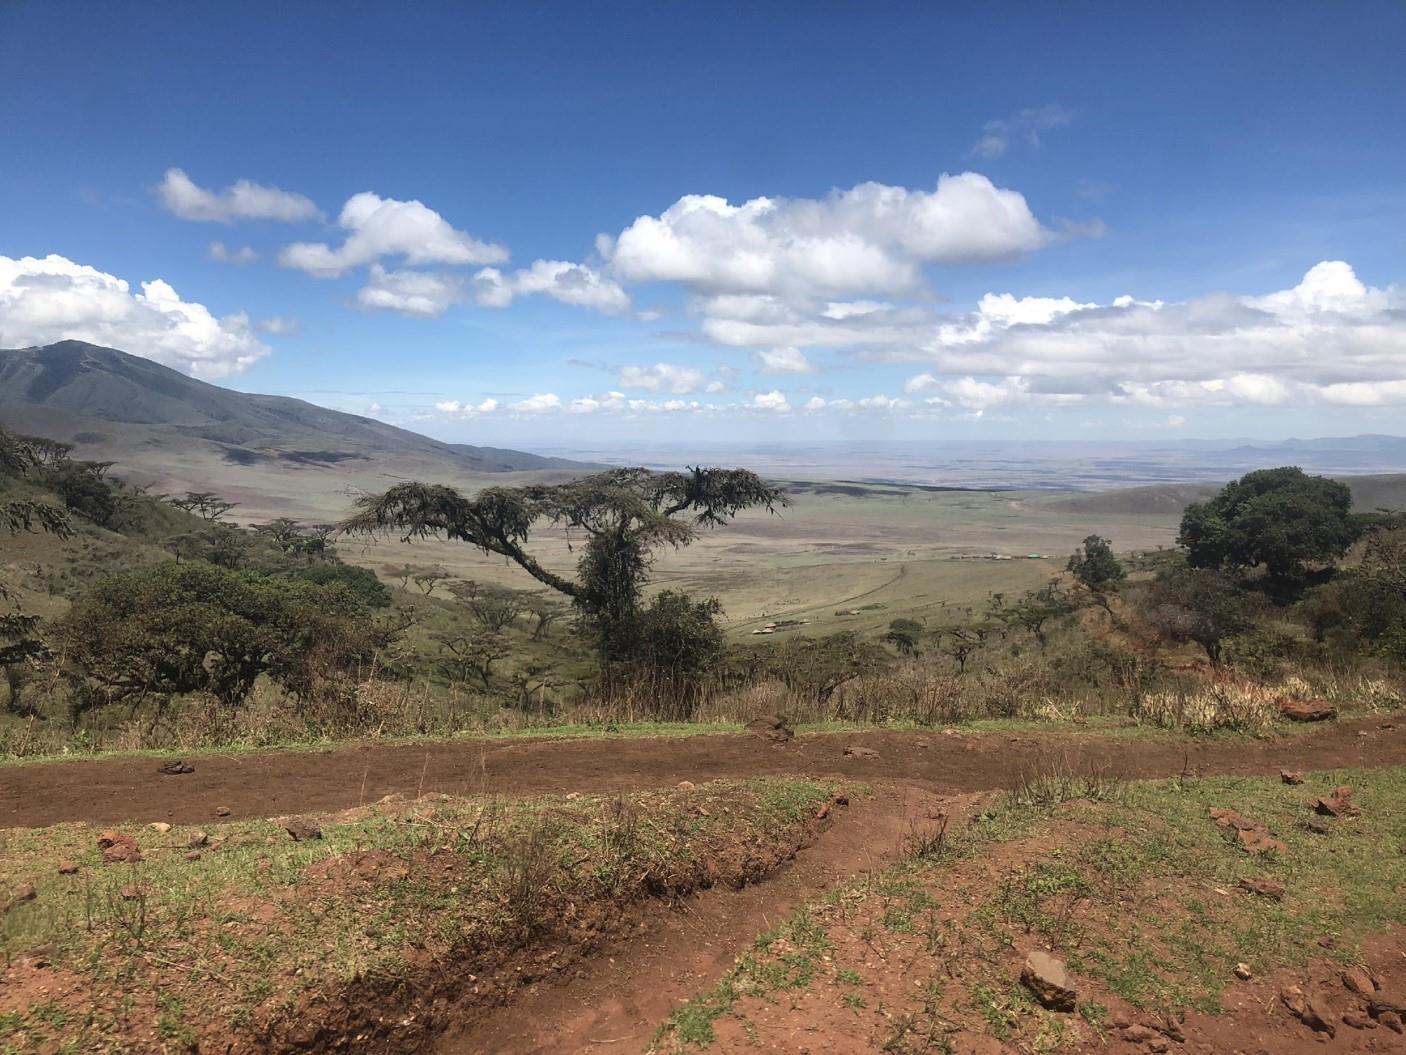 Ngorongoro National Park